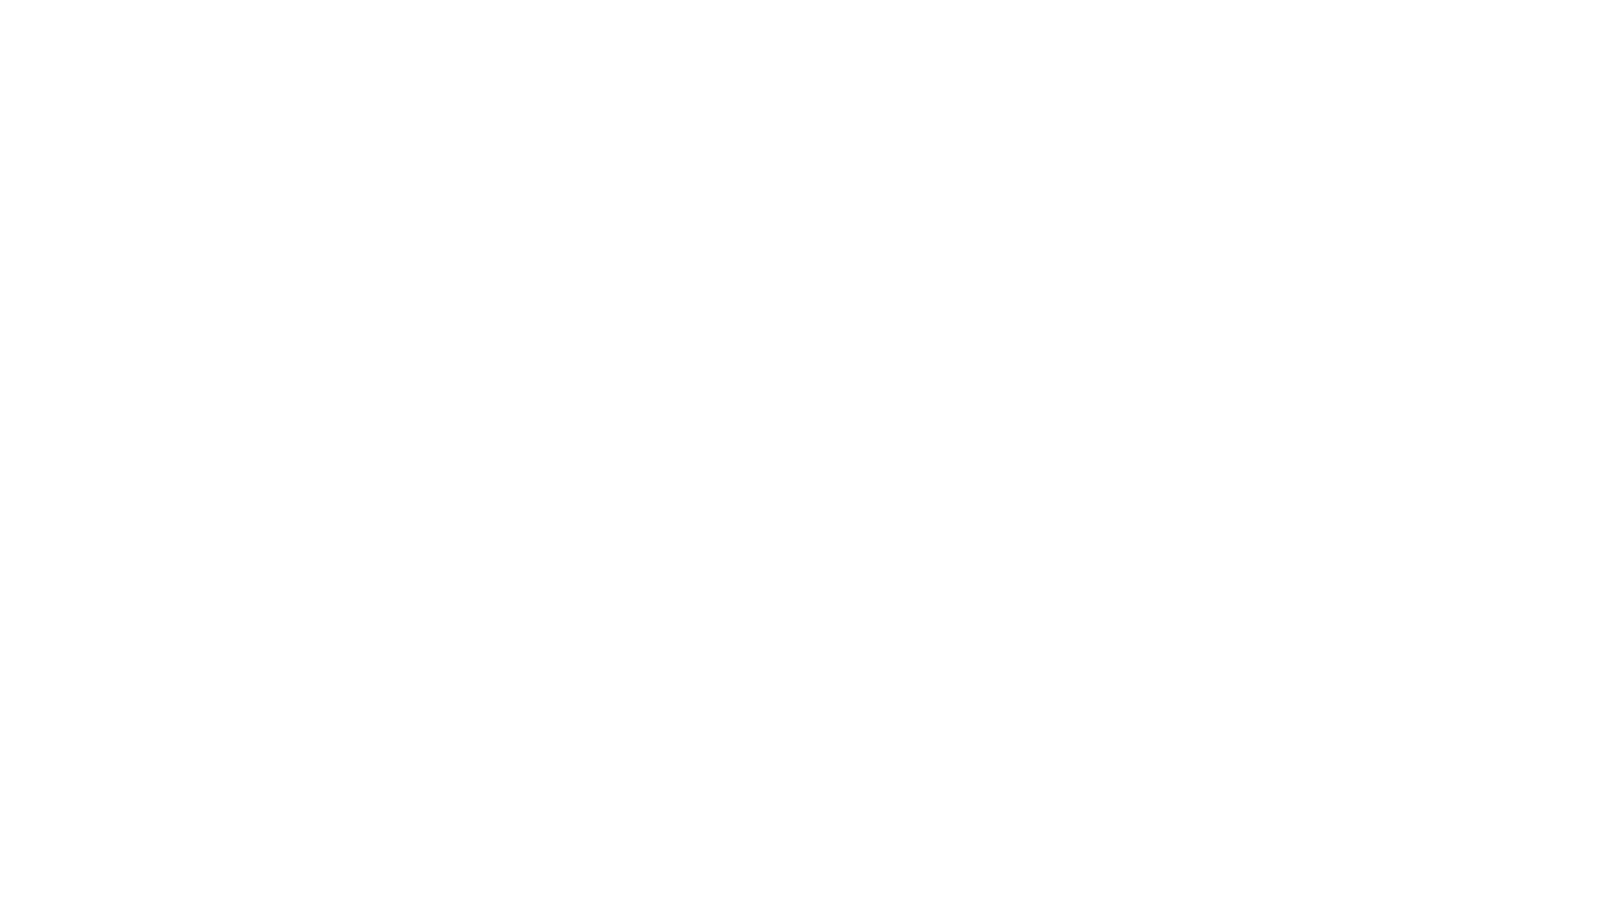 """Campagne: Oui! Nous l'avons ici! 🛍📍  La chambre de commerce régionale de Campbellton désire soutenir les initiatives d'Achat Local dans notre collectivité, et ce, afin de renforcer l'économie de la région, soutenir l'employabilité auprès de nos entreprises et de faire en sorte que les petites entreprises puissent être compétitives et prospérer dans une « économie régionale durable ».  //  Campaign: Yes! We have that here! 🛍📍   The Campbellton Regional Chamber of Commerce wishes to support shop local initiatives in our community, in order to strengthen the region's economy, support employability with our businesses and ensure that small businesses can be competitive and prosper in a """"sustainable regional economy""""."""